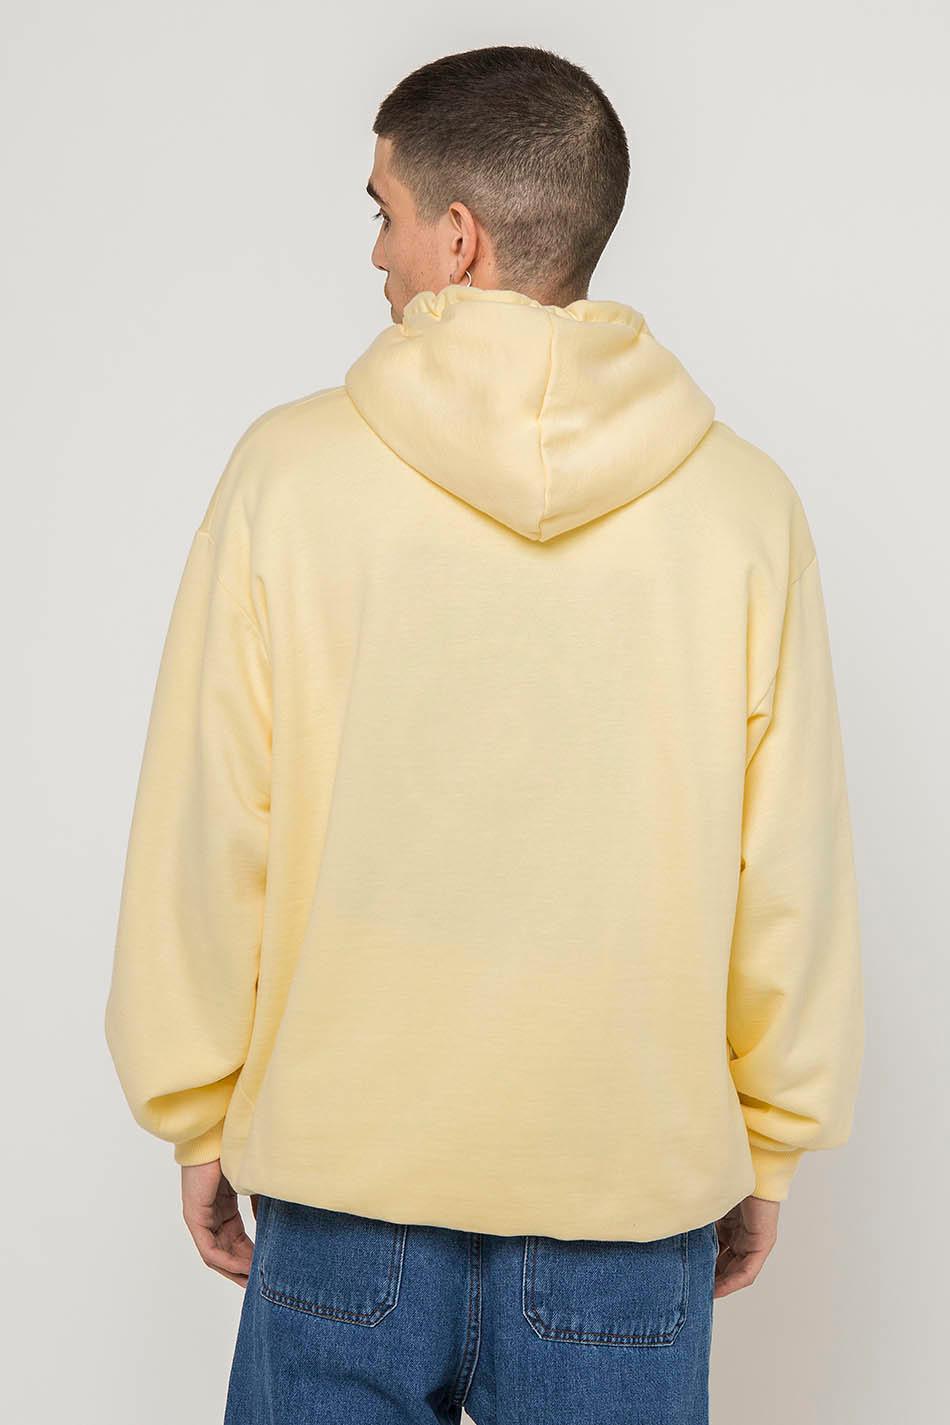 Vancouver Yellow Cake sweatshirt